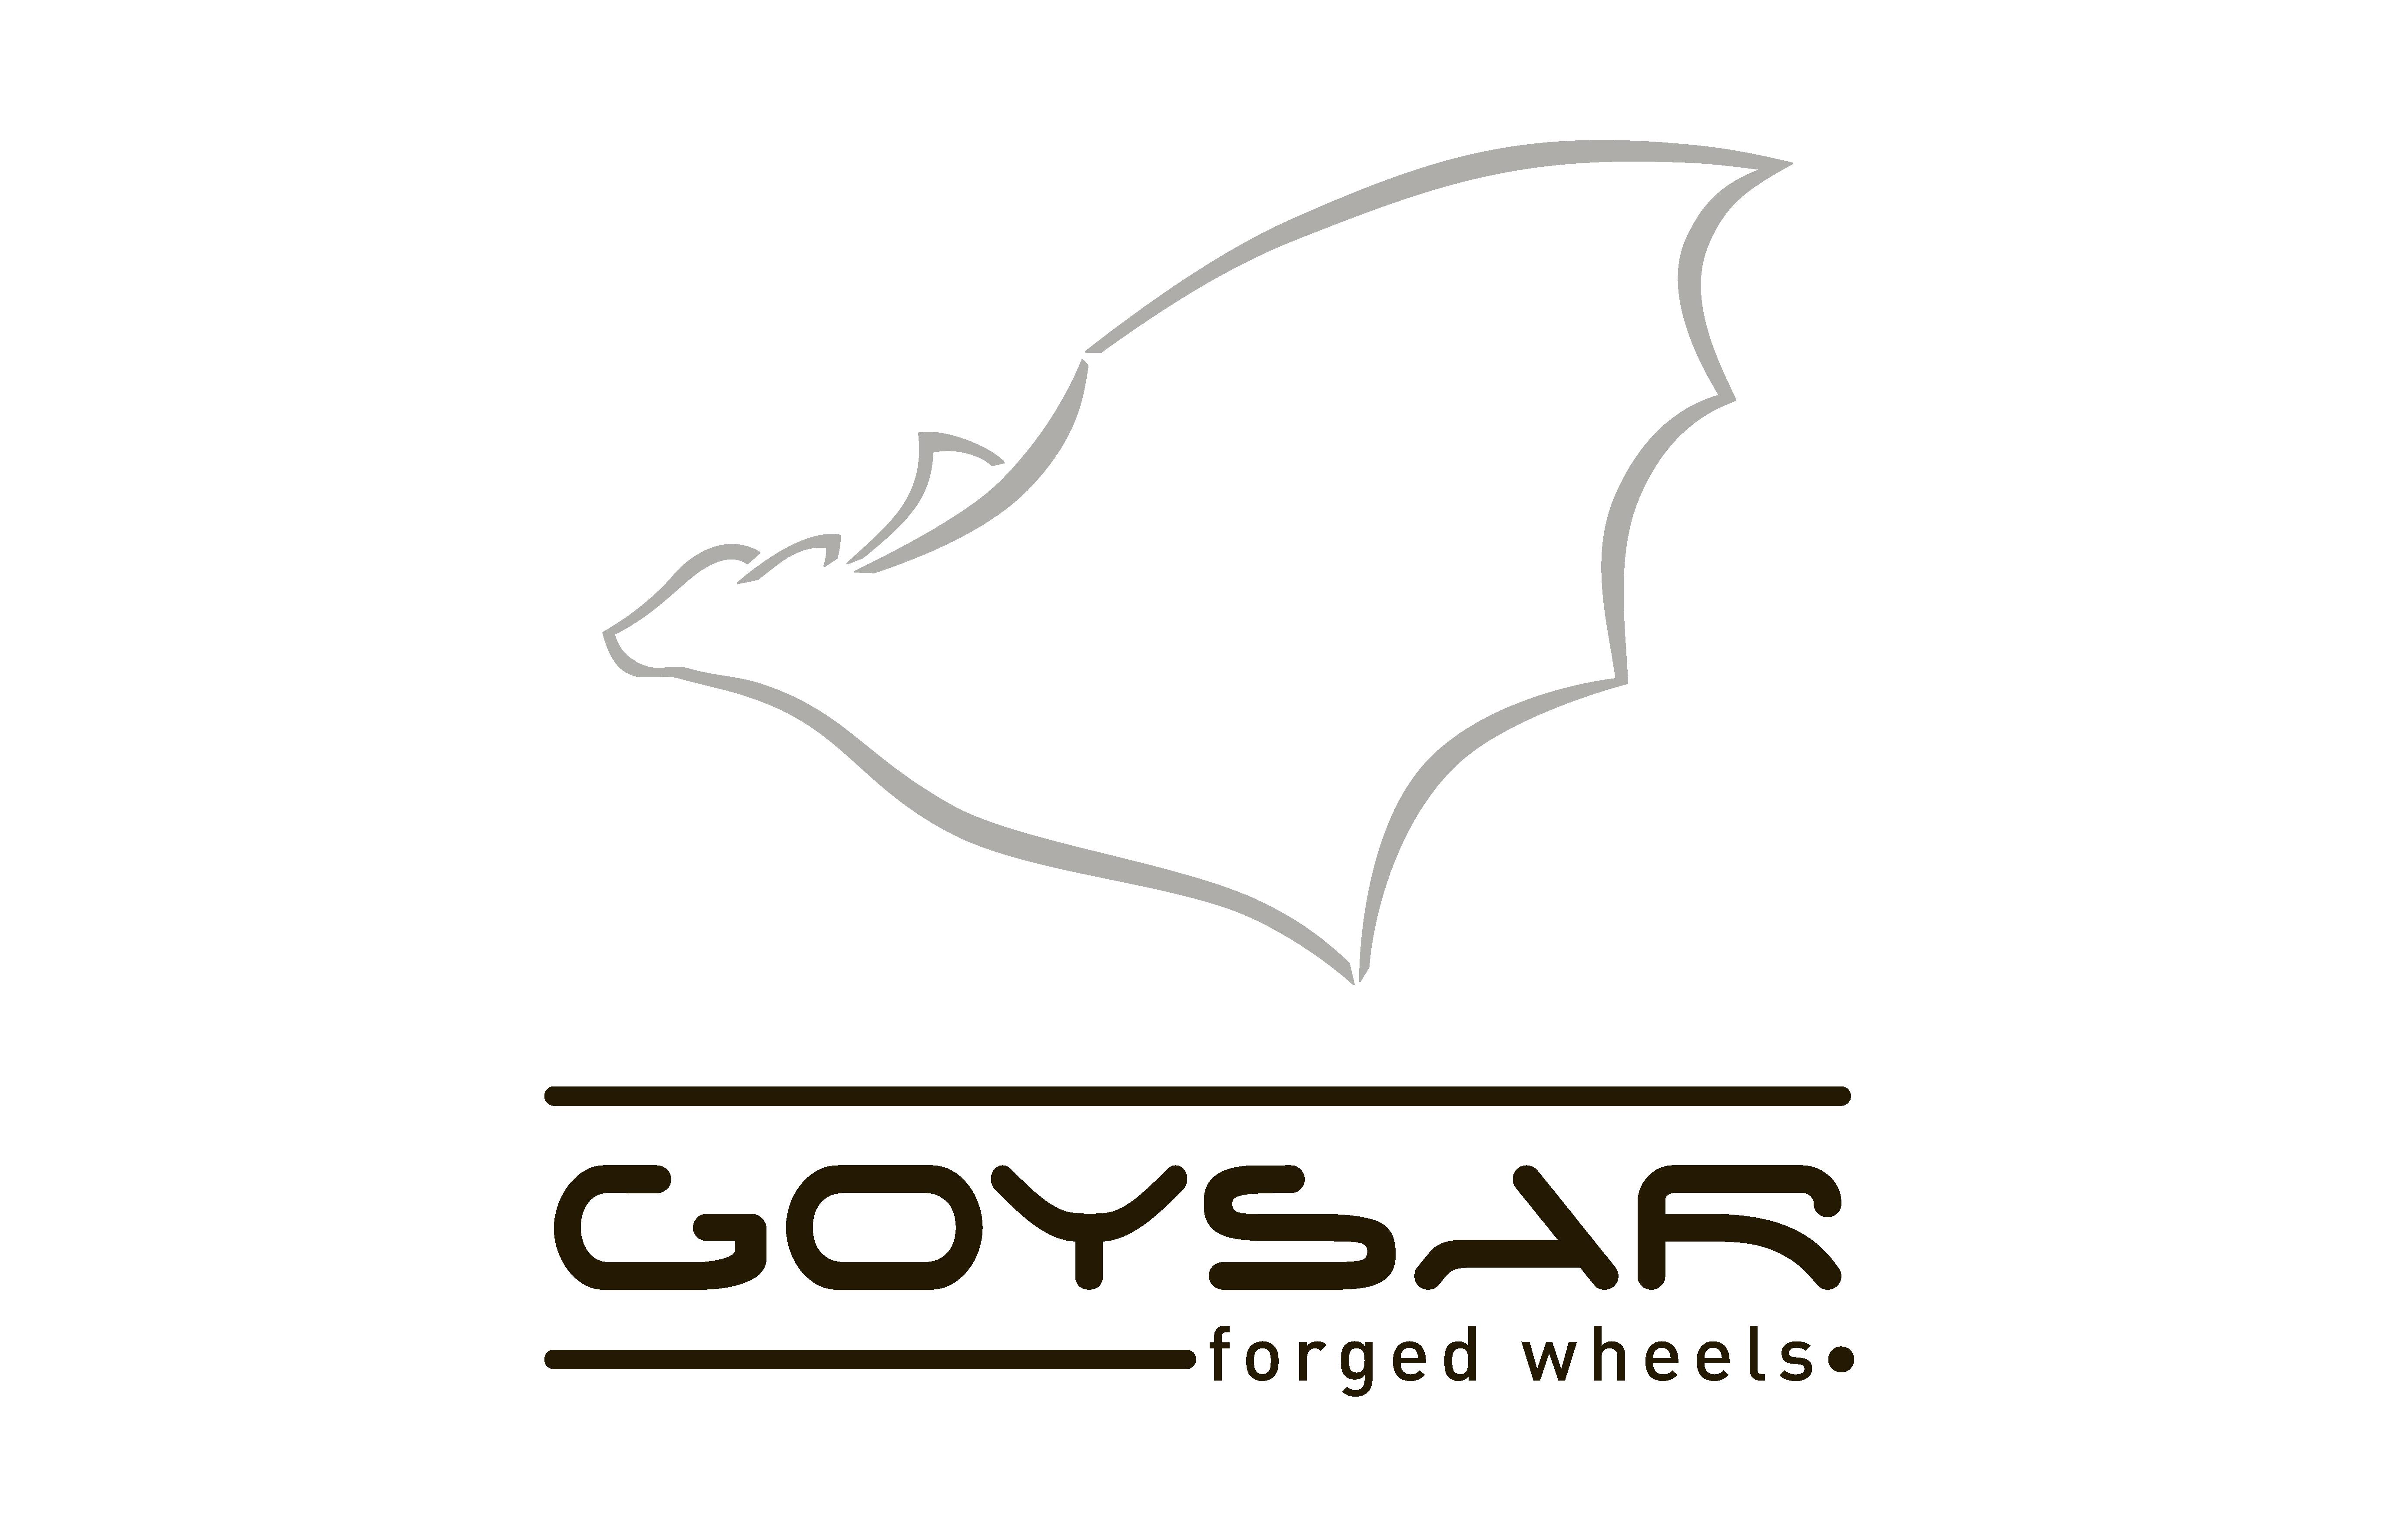 Goysar